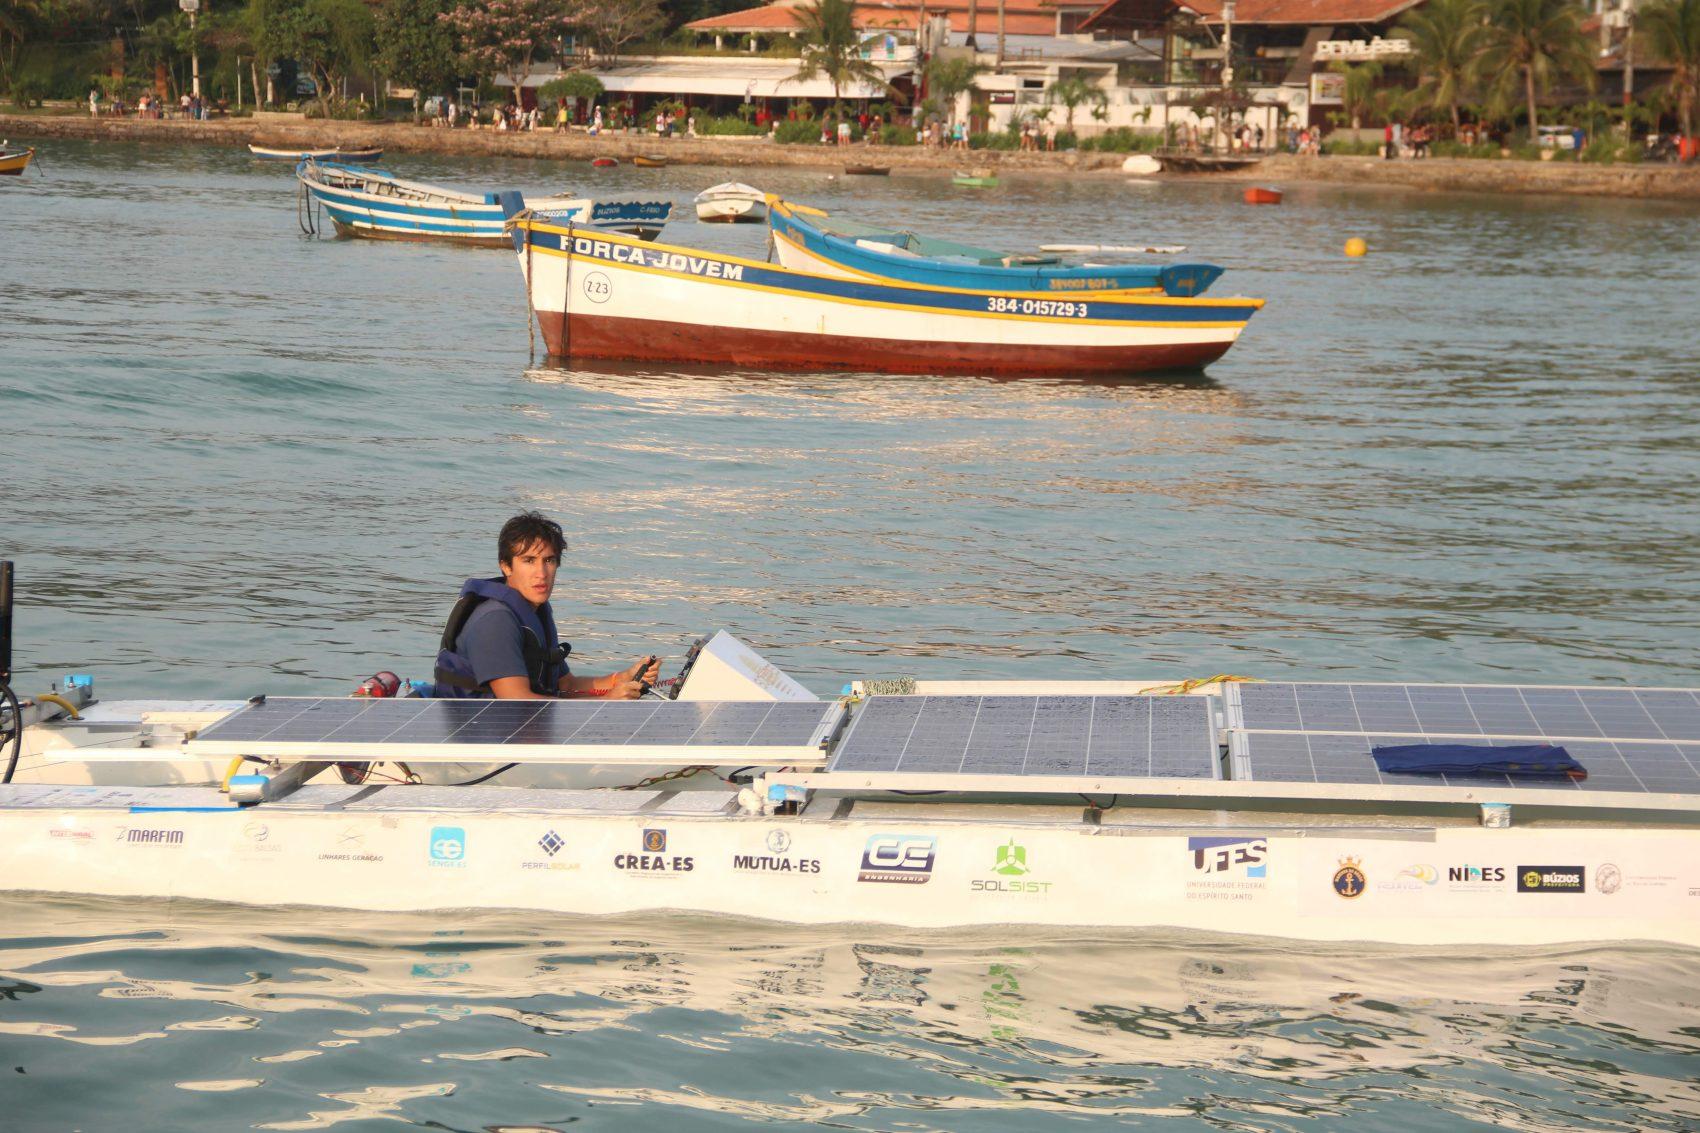 O barco campeão da equipe Solares: projeto de extensão financiado por patrocínio e inciativas dos alunos e professores da Ufes (Foto: Solares/Divulgação)